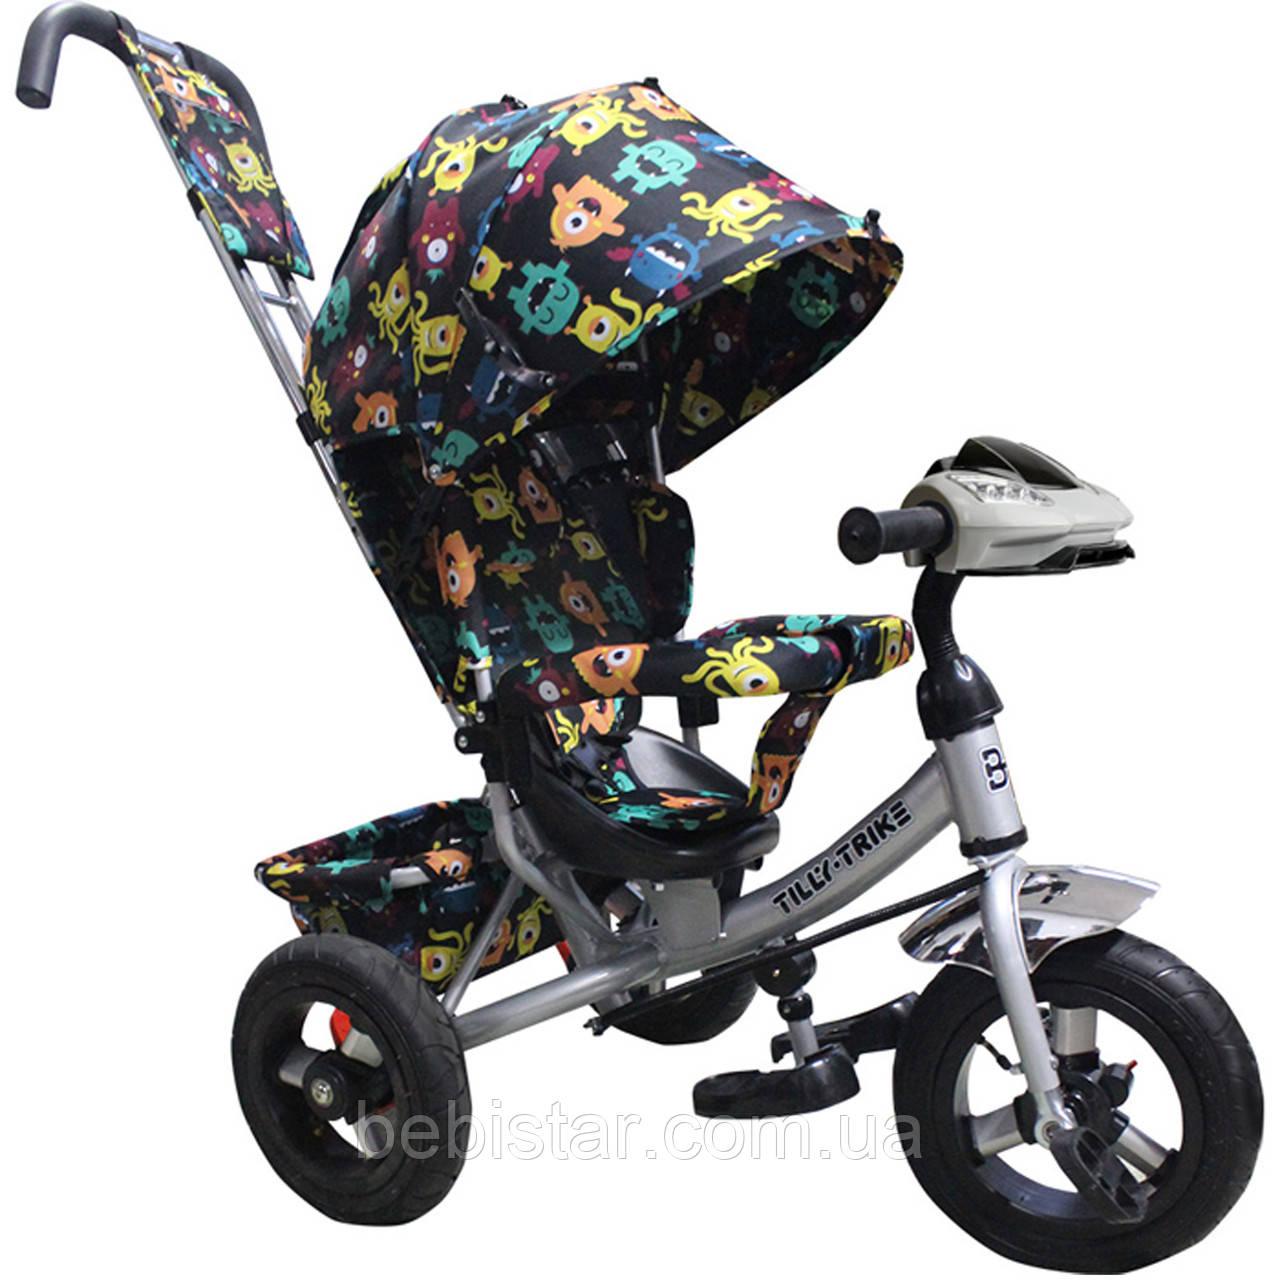 Детский трехколесный велосипед музыка свет TILLY Trike T-363-4/1 надувные колеса серый